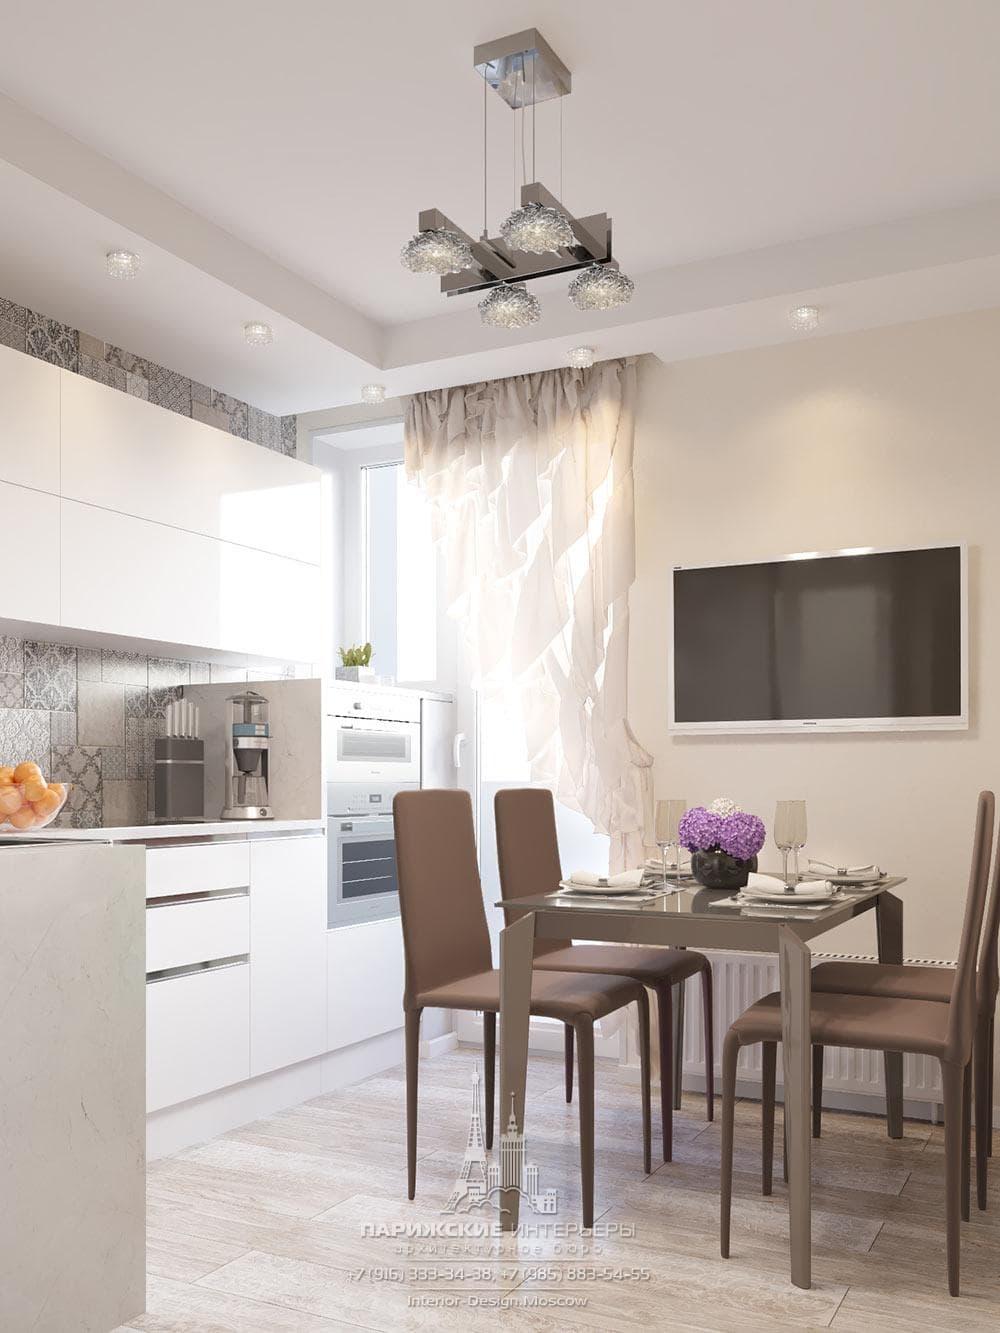 Дизайн белой кухни 9 кв. метров: фото интерьера в современном стиле